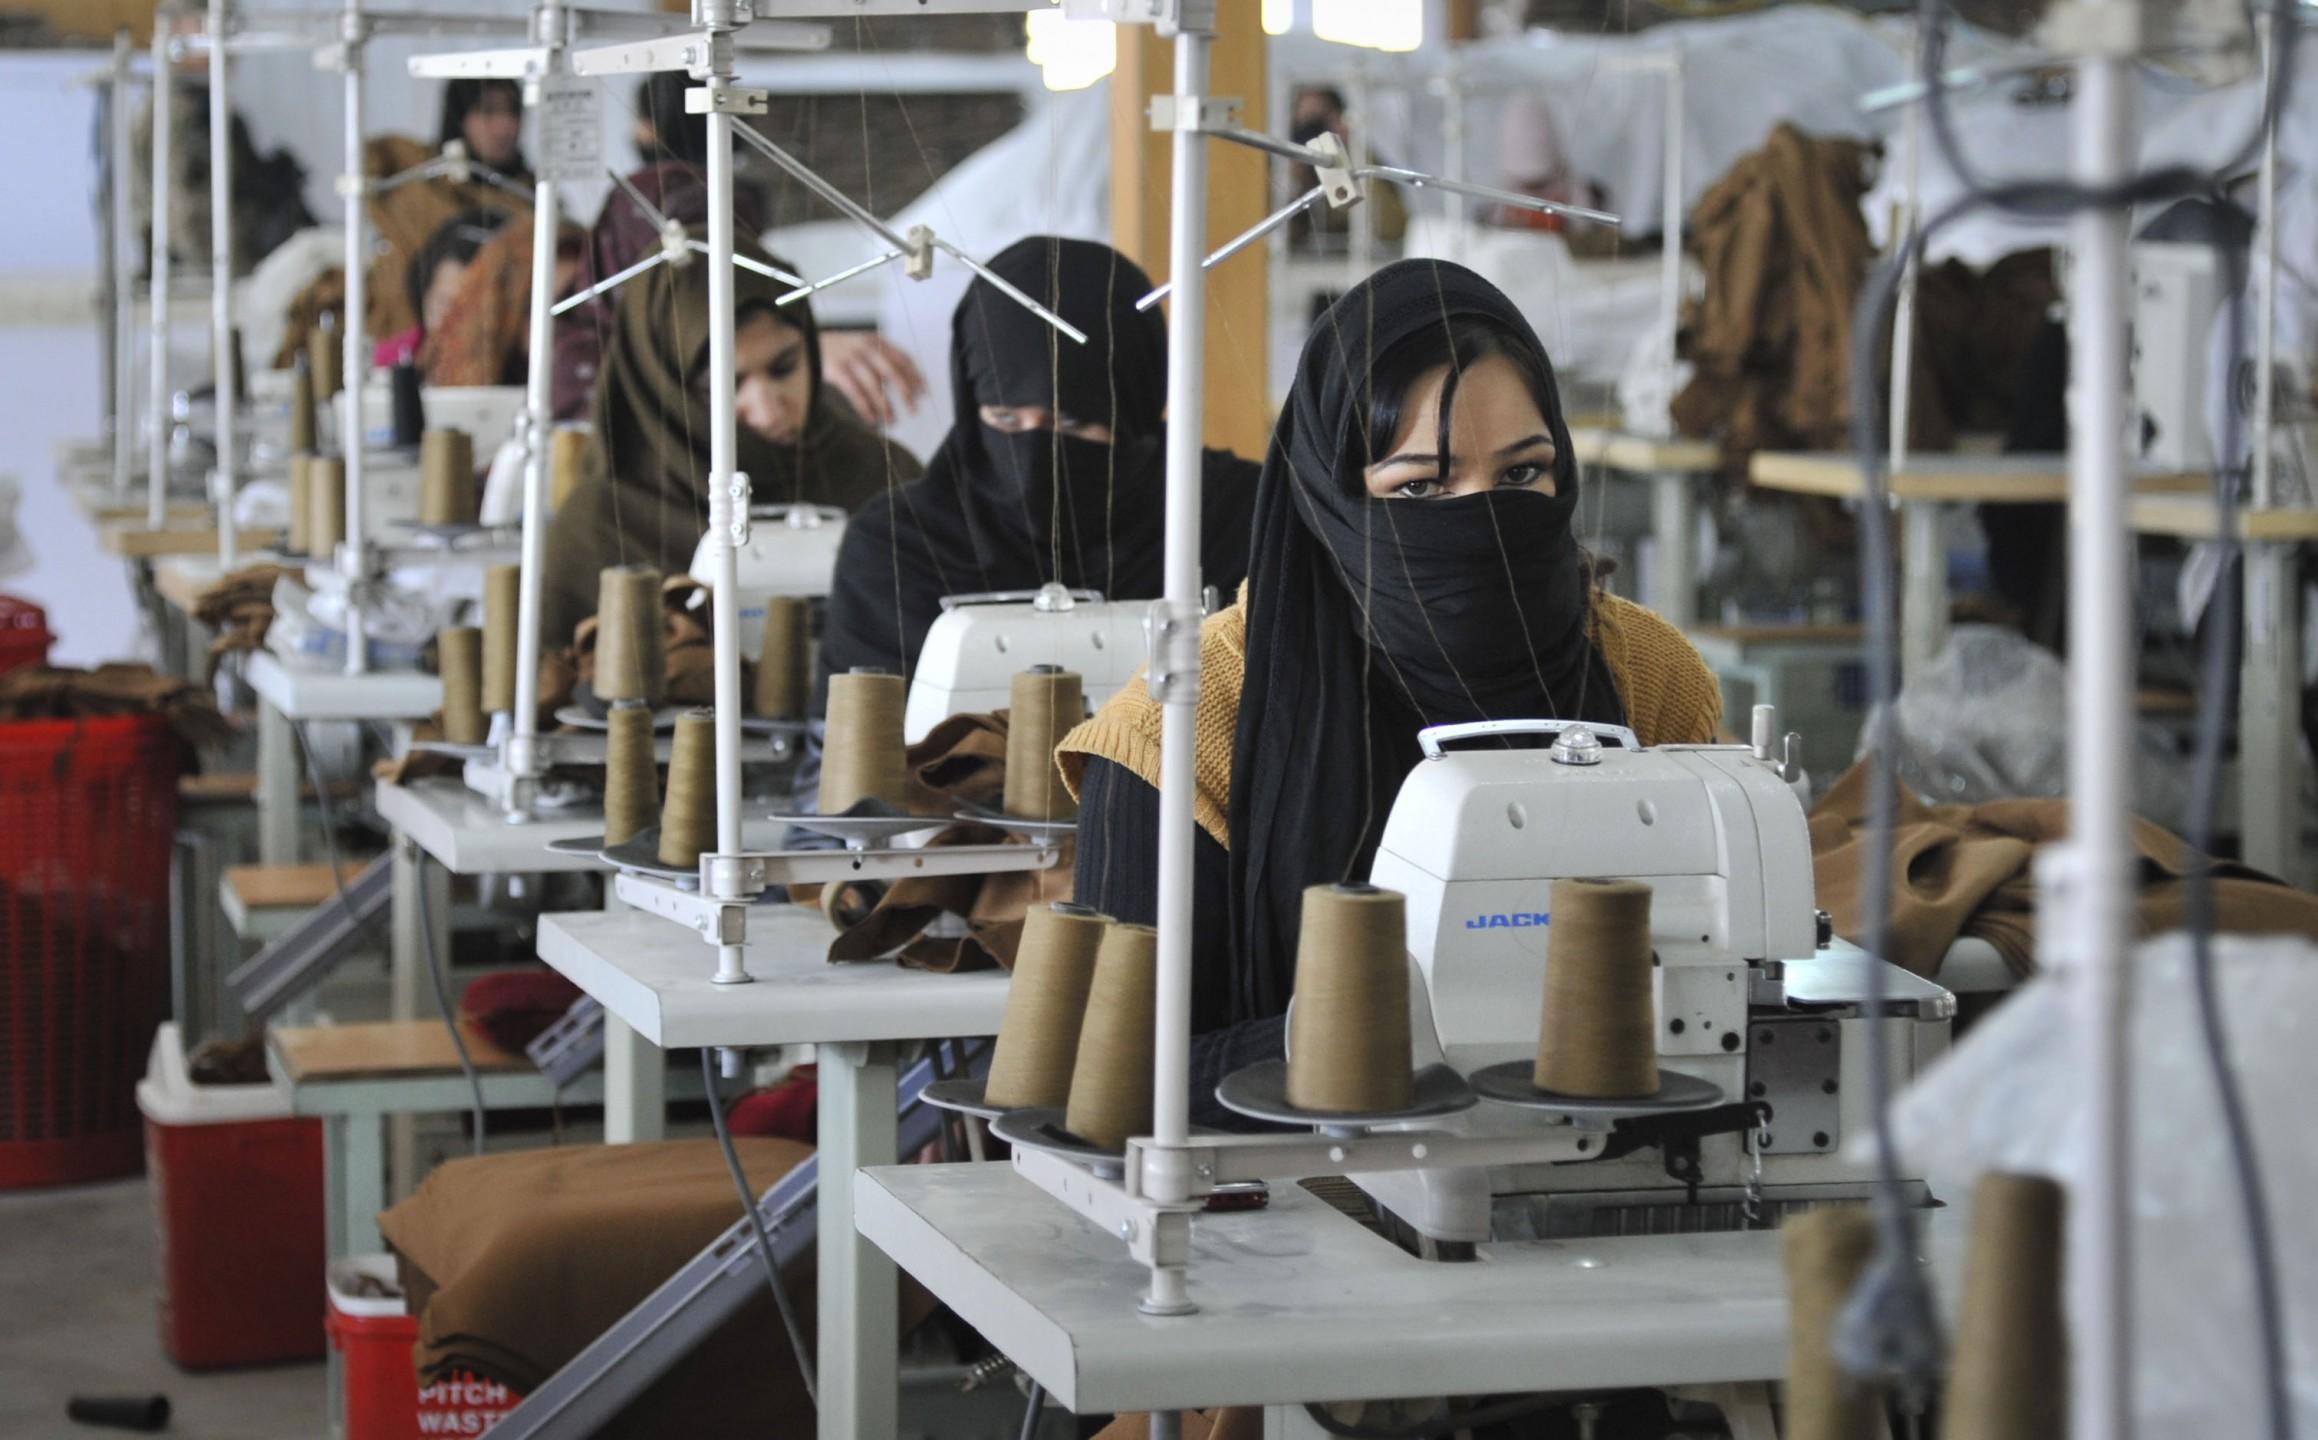 hoe effectief zijn controles in kledingfabrieken?